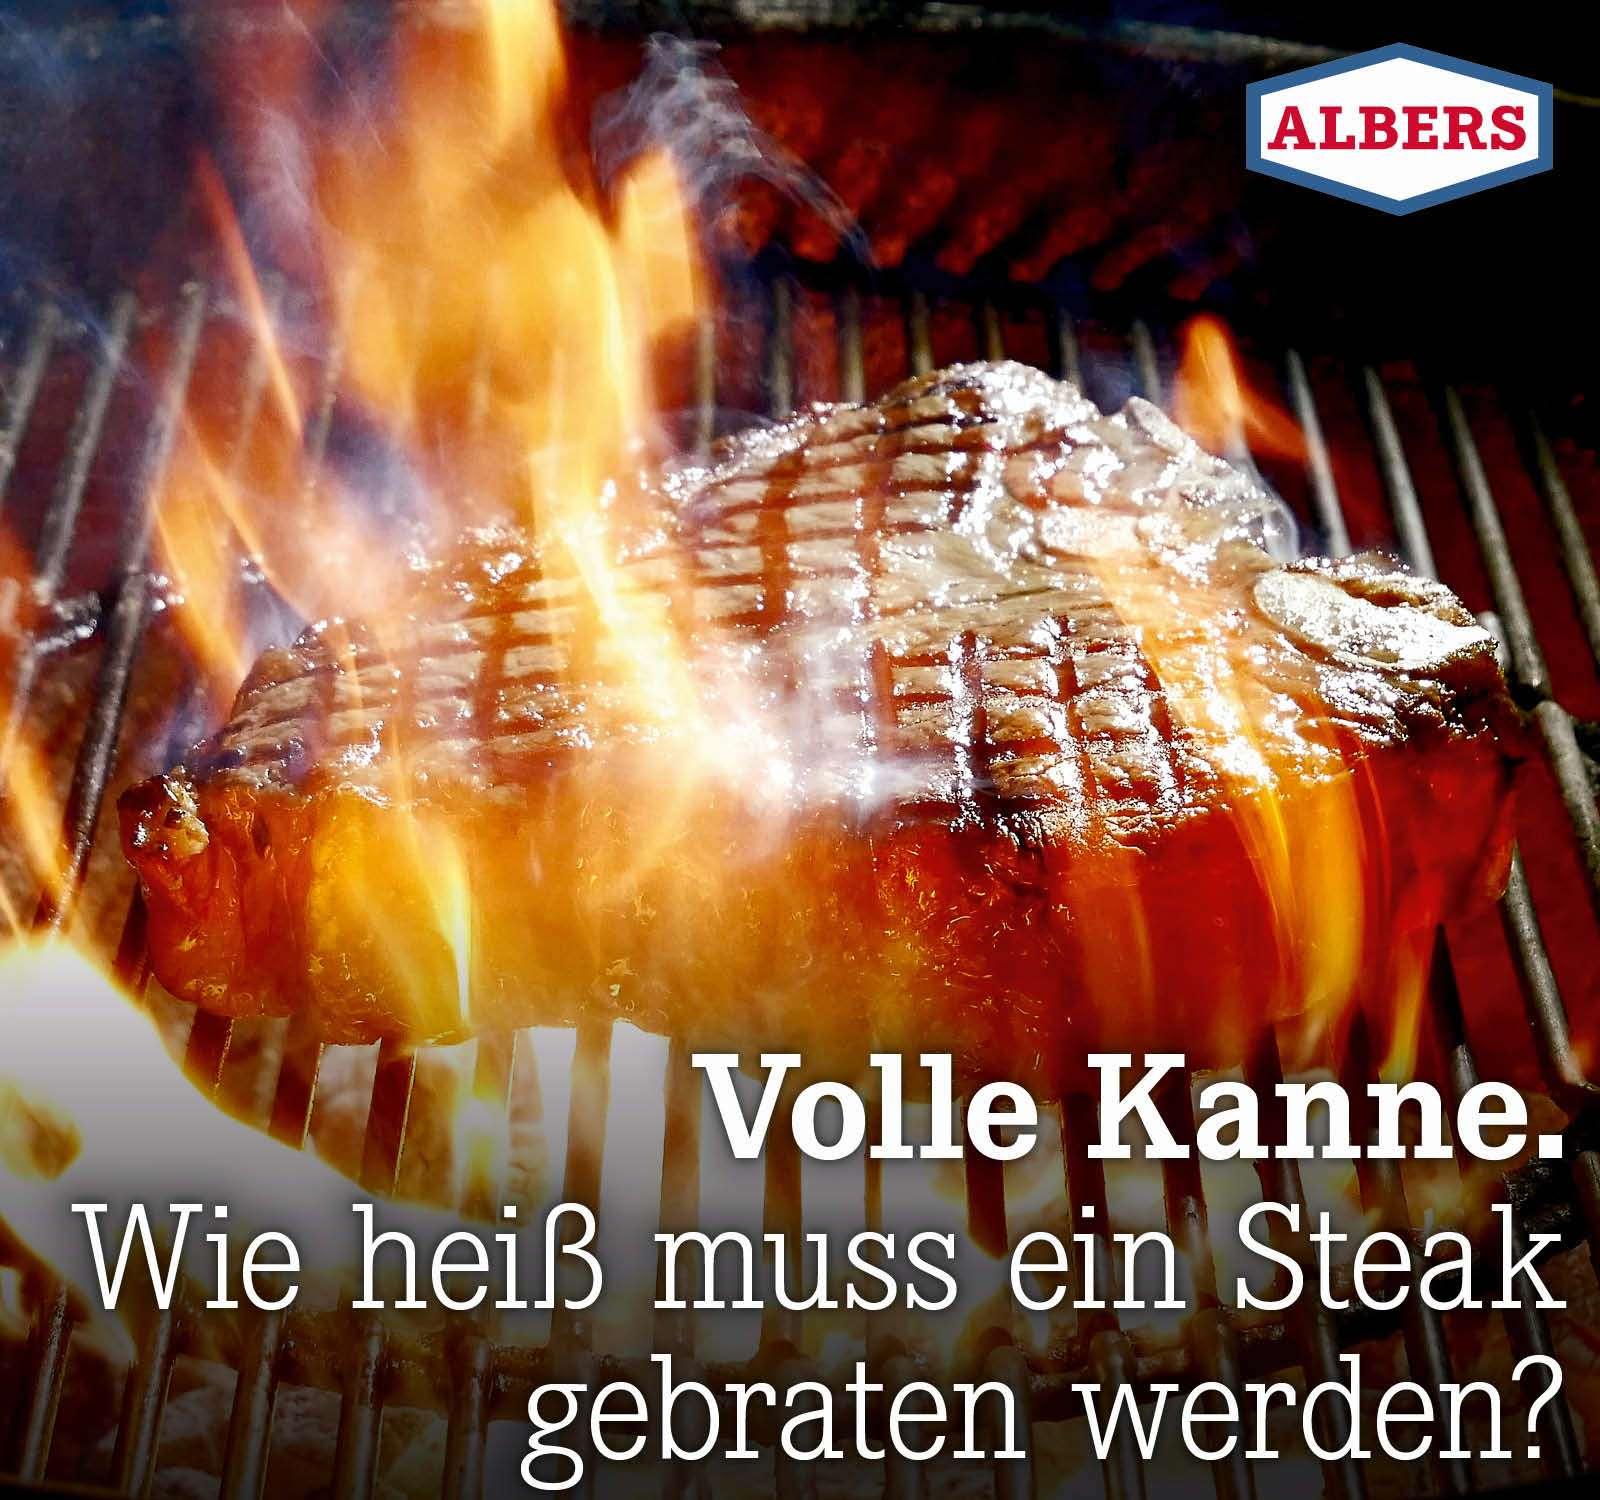 Volle Kanne. Wie heiß muss ein Steak gebraten werden?